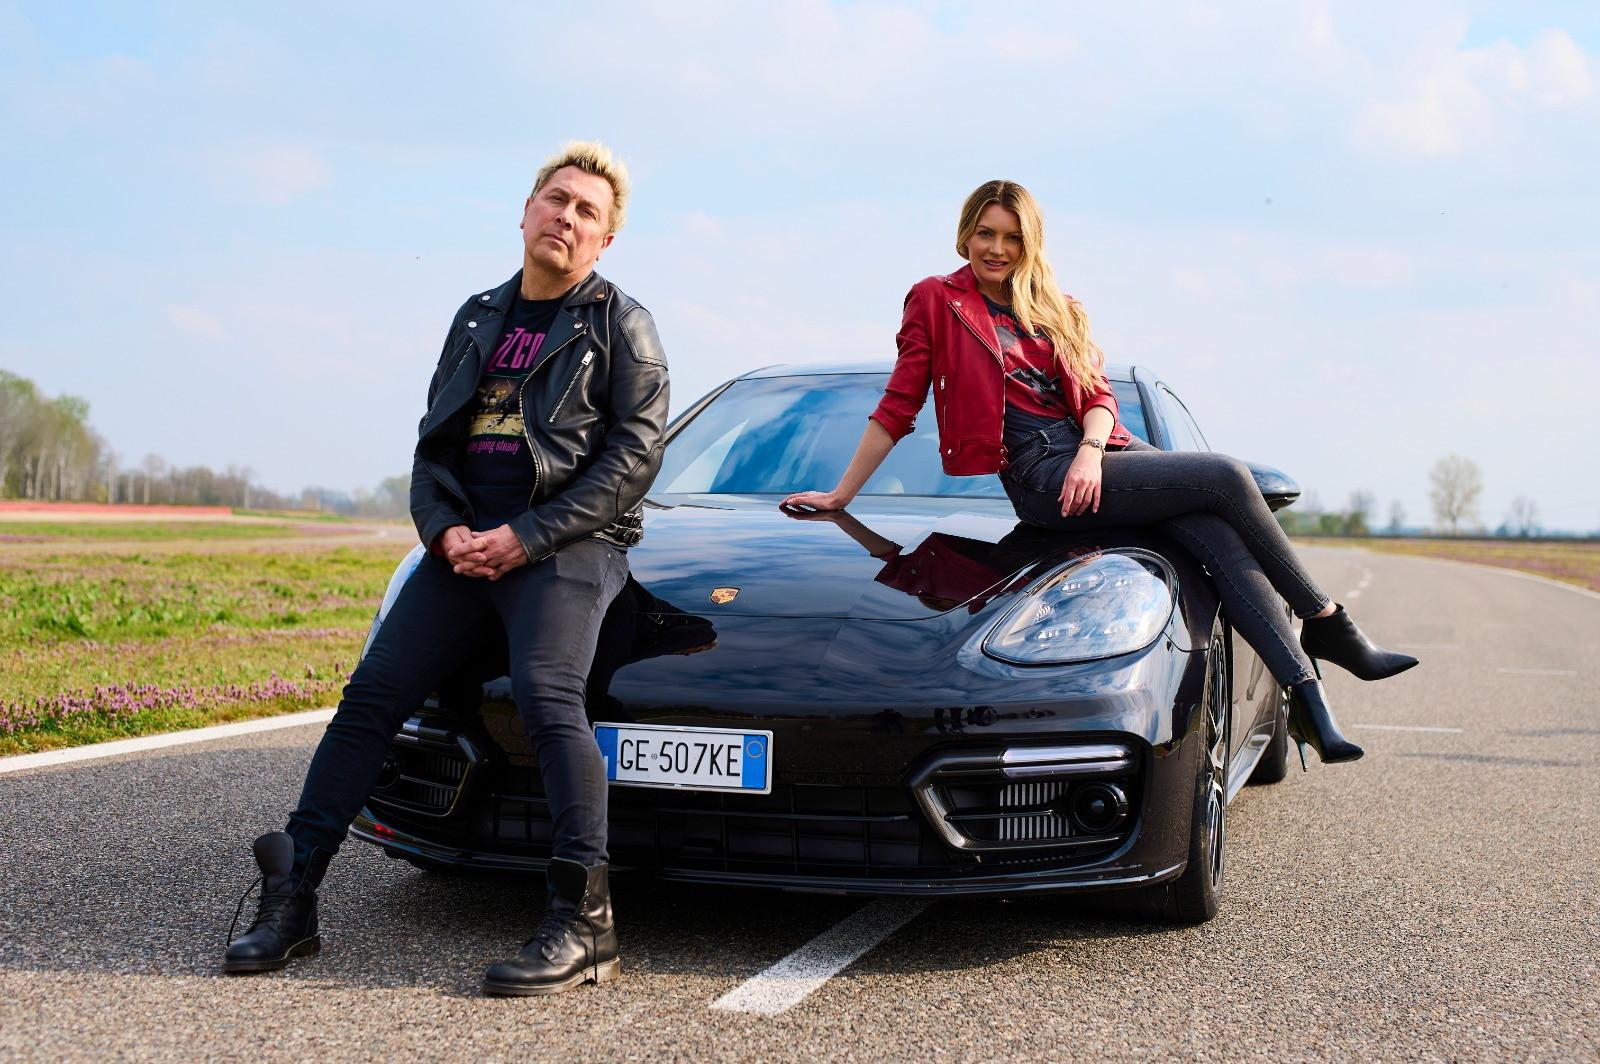 Il conduttore e l&#39;attrice si sono divertiti in pista a Vairano a bordo della&nbsp;Porsche Panamera e-hybrid.&nbsp;<br /><br />